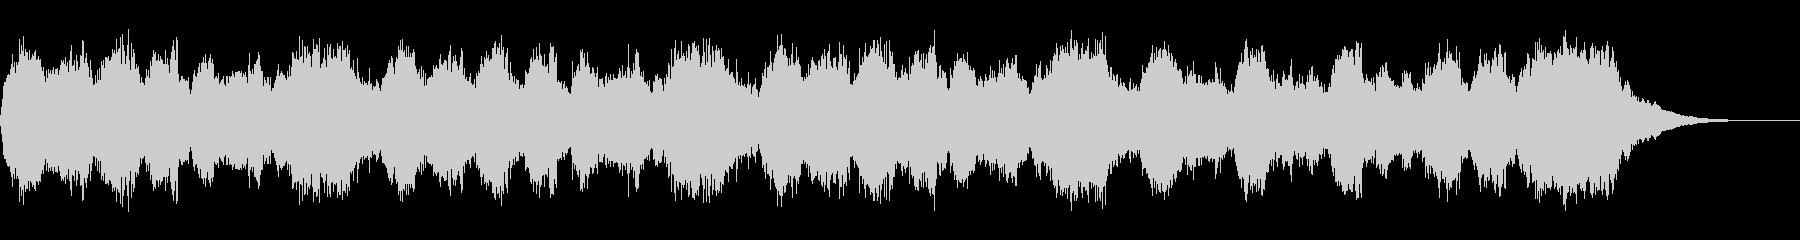 テーマ「撤退」30秒BGMの未再生の波形